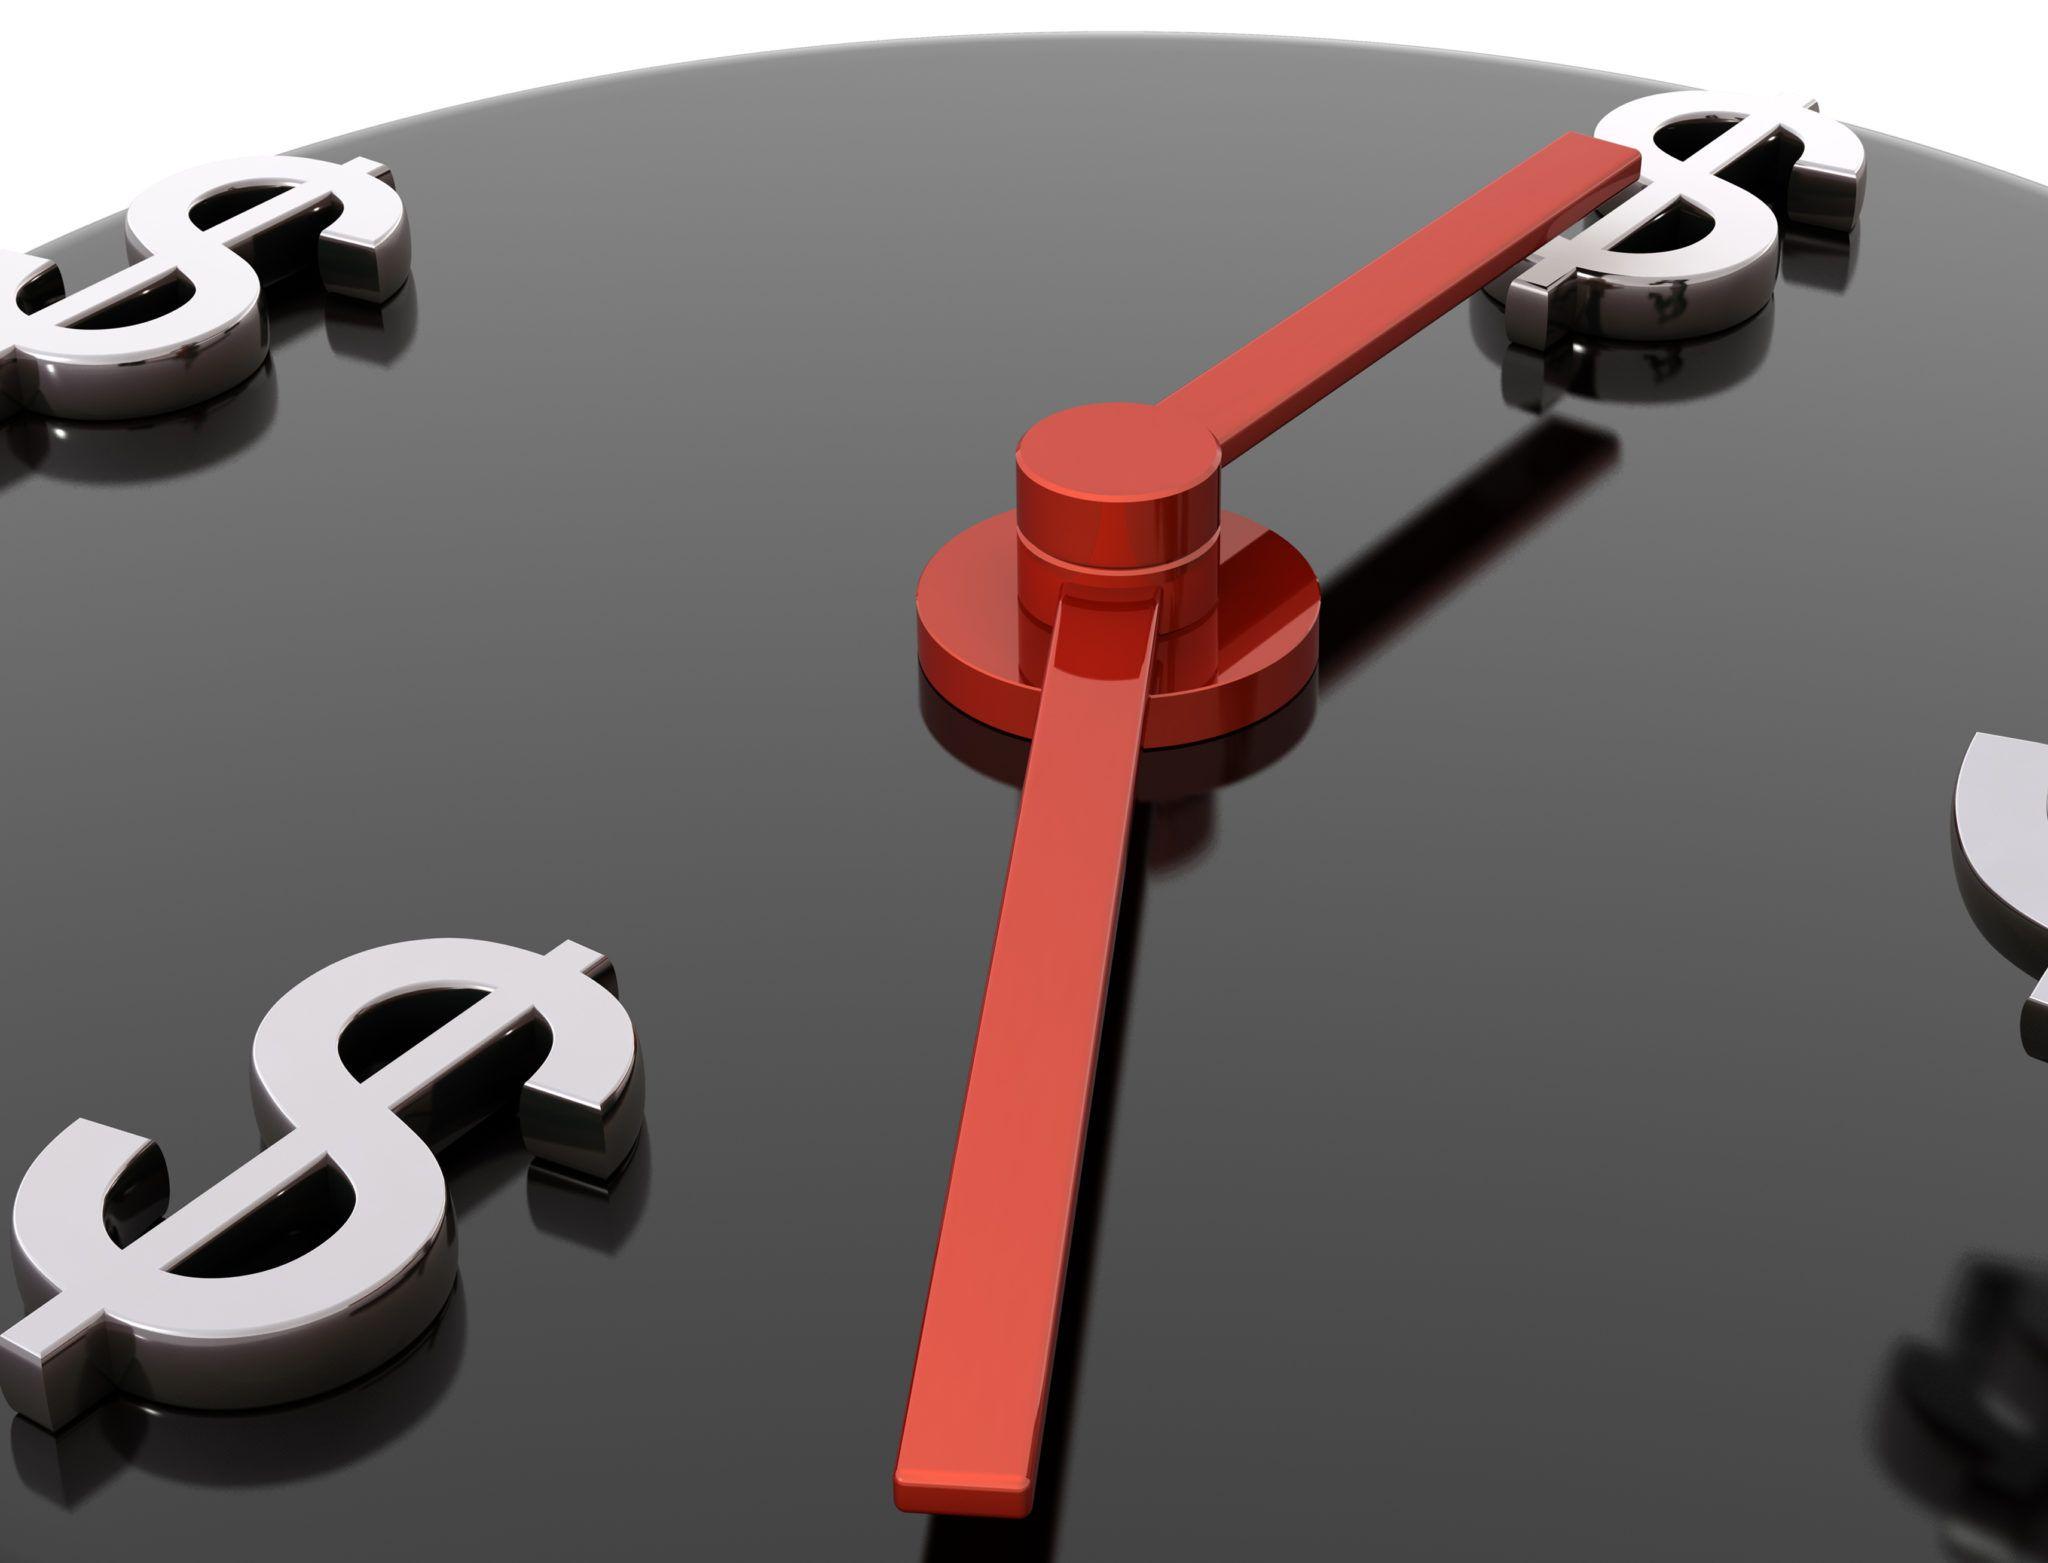 Quy định thời gian làm việc theo Bộ luật lao động mà kế toán cần biết